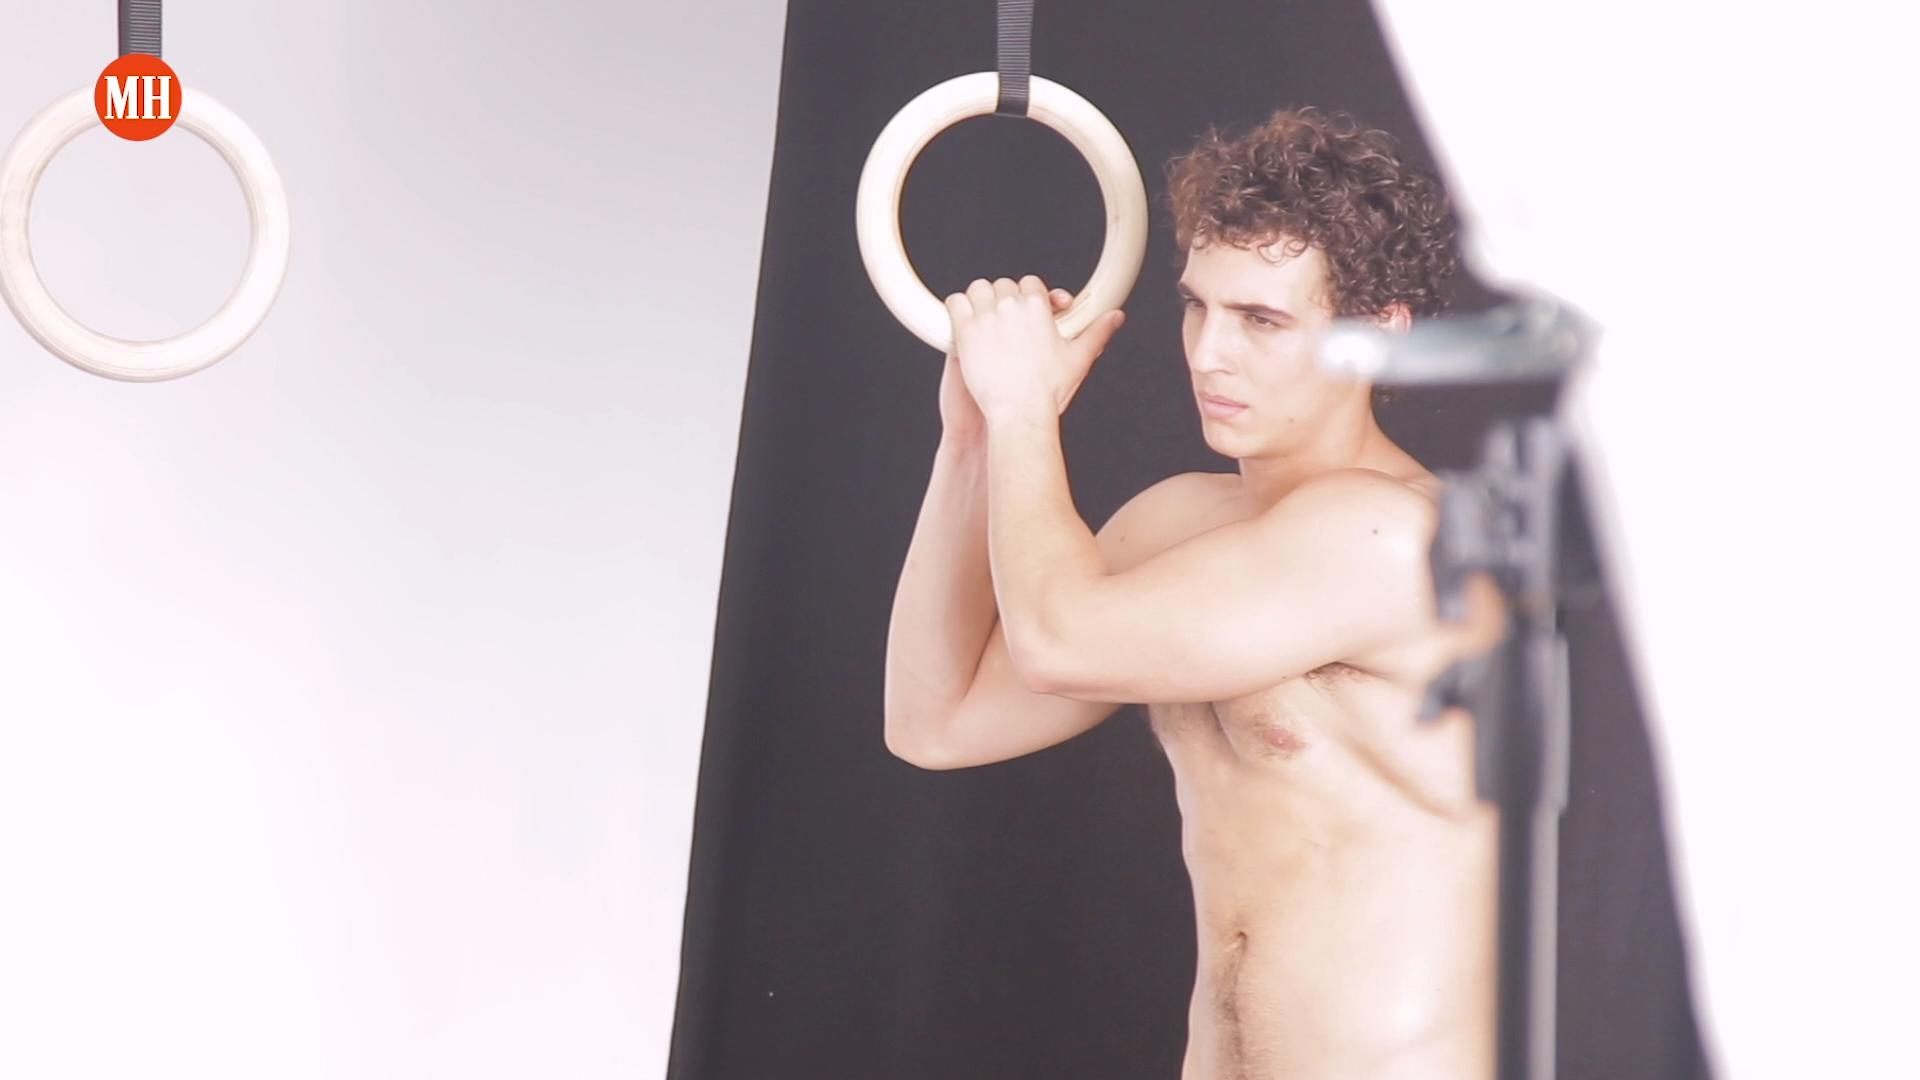 Miguel Herrán, al desnudo en cuerpo y mente en la